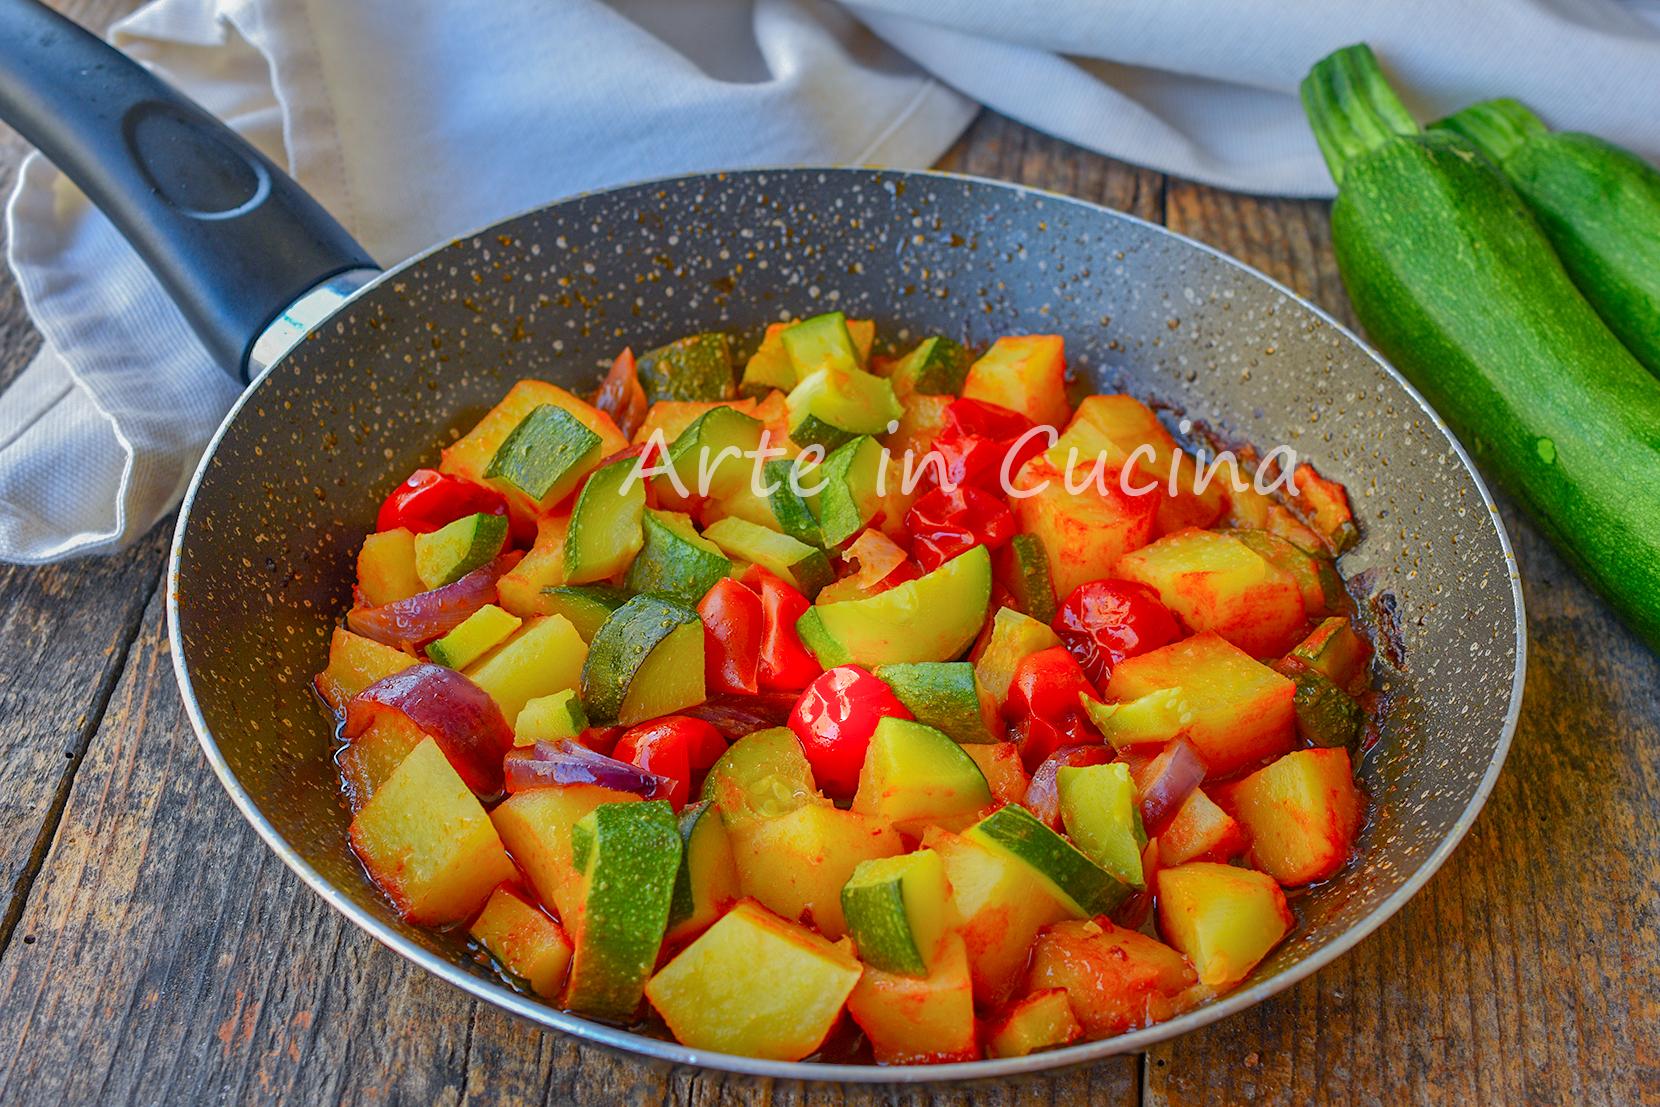 Ricetta Patate E Zucchine In Padella.Patate E Zucchine In Umido In Padella Contorno Veloce